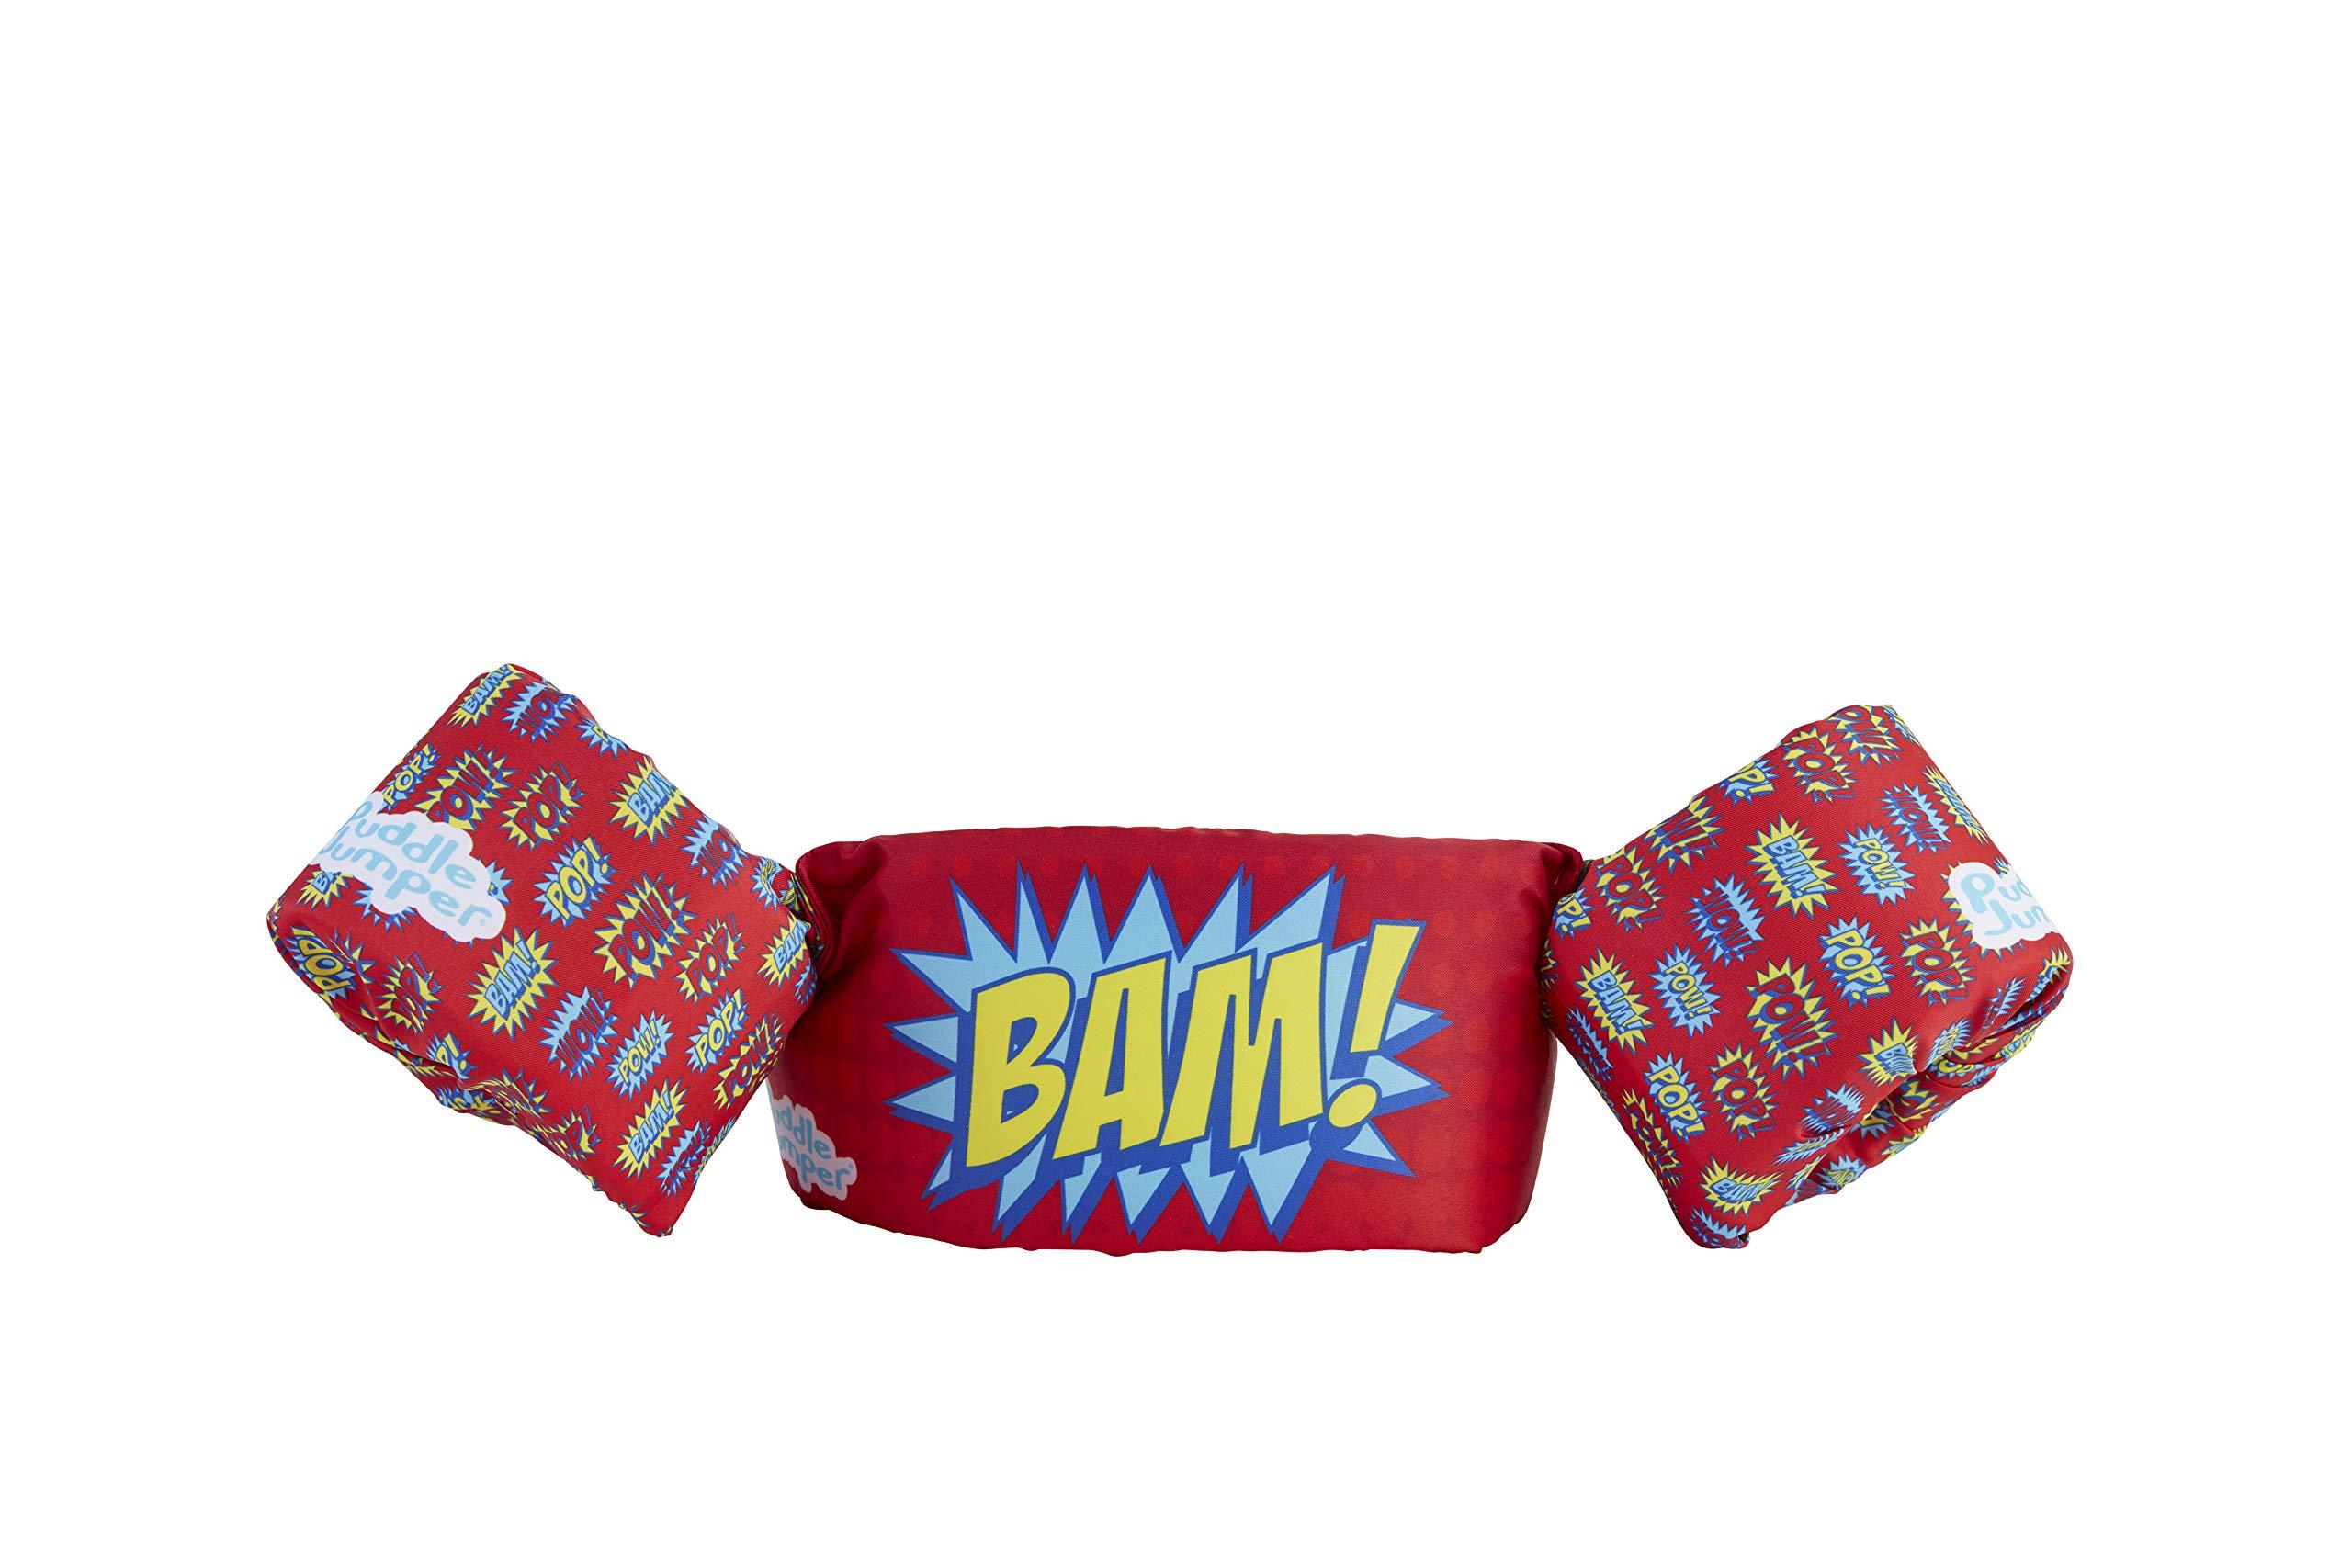 Stearns Puddle Jumper Kids Life Jacket | Life Vest for Children, Bam, 30-50 Pounds